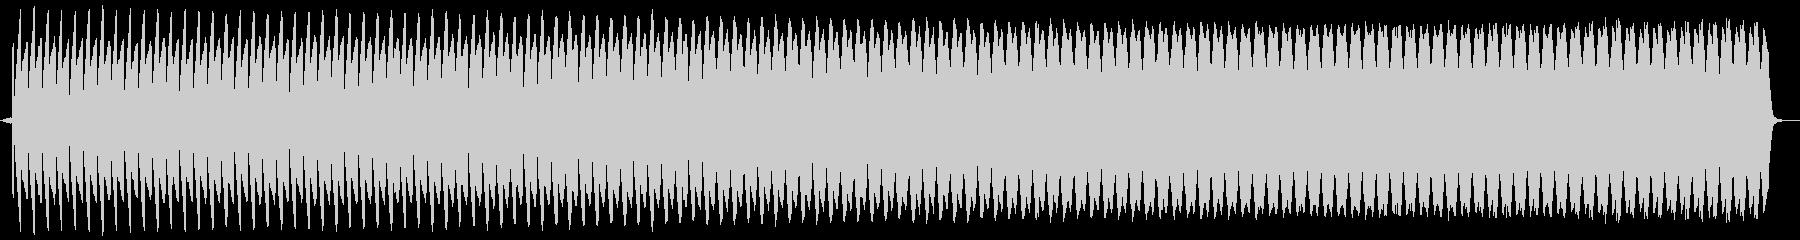 プー。クイズ不正解・ブザー音の未再生の波形